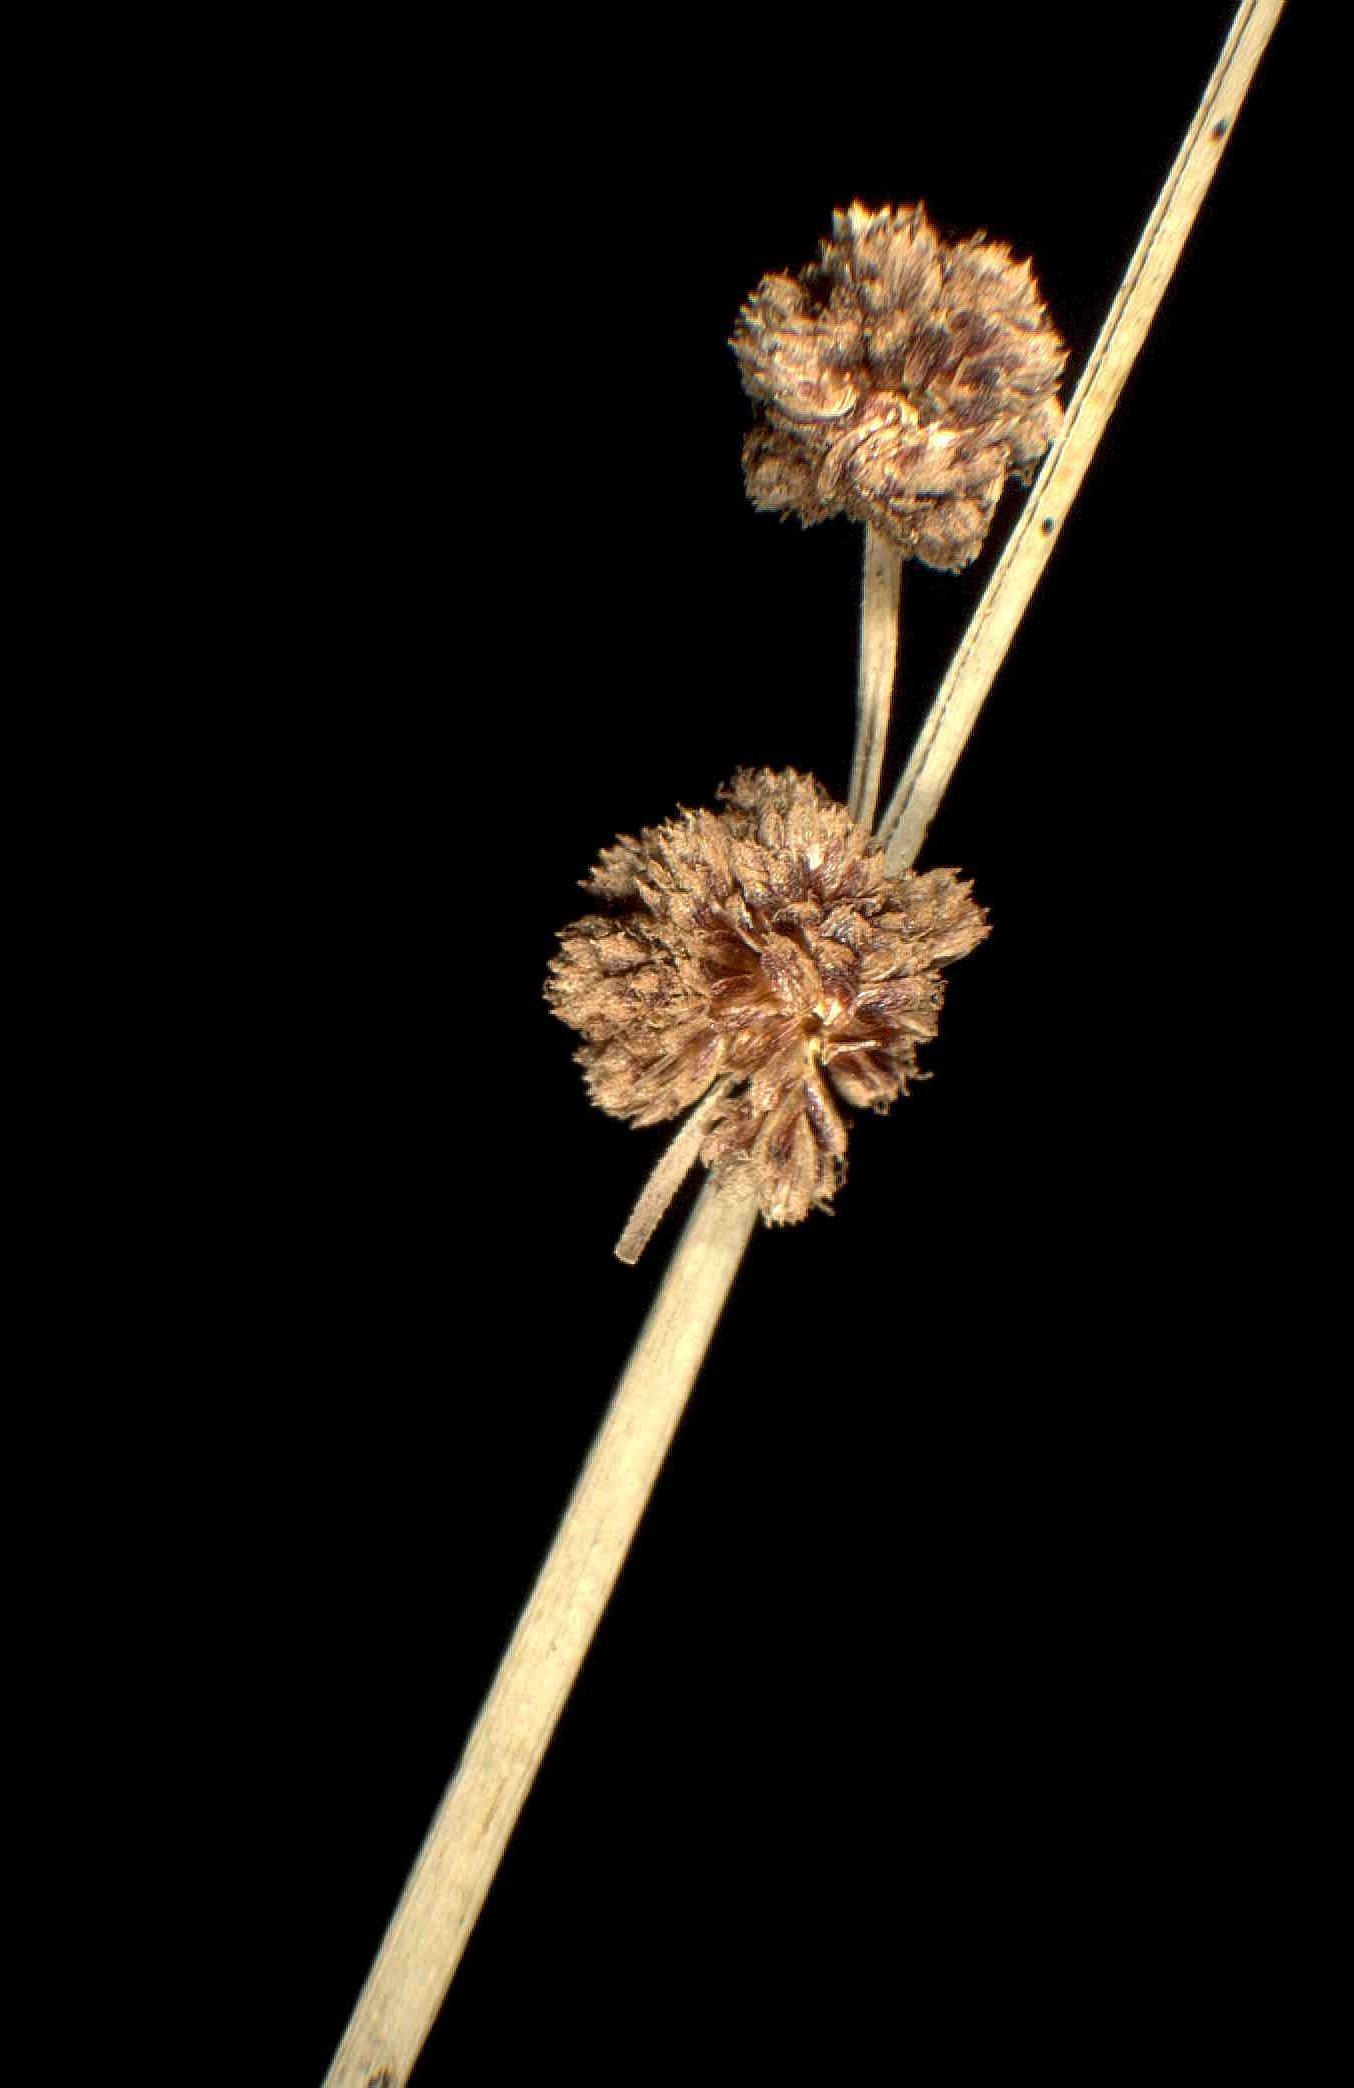 © Dipartimento di Scienze della Vita, Università degli Studi di Trieste<br>by Andrea Moro<br>Dipartimento dell'Herault, località Castelnau le Lez, sulla ghiaia presso il letto del fiume Lez., Francia, 17/1/05 0.00.00<br>Distributed under CC-BY-SA 4.0 license.